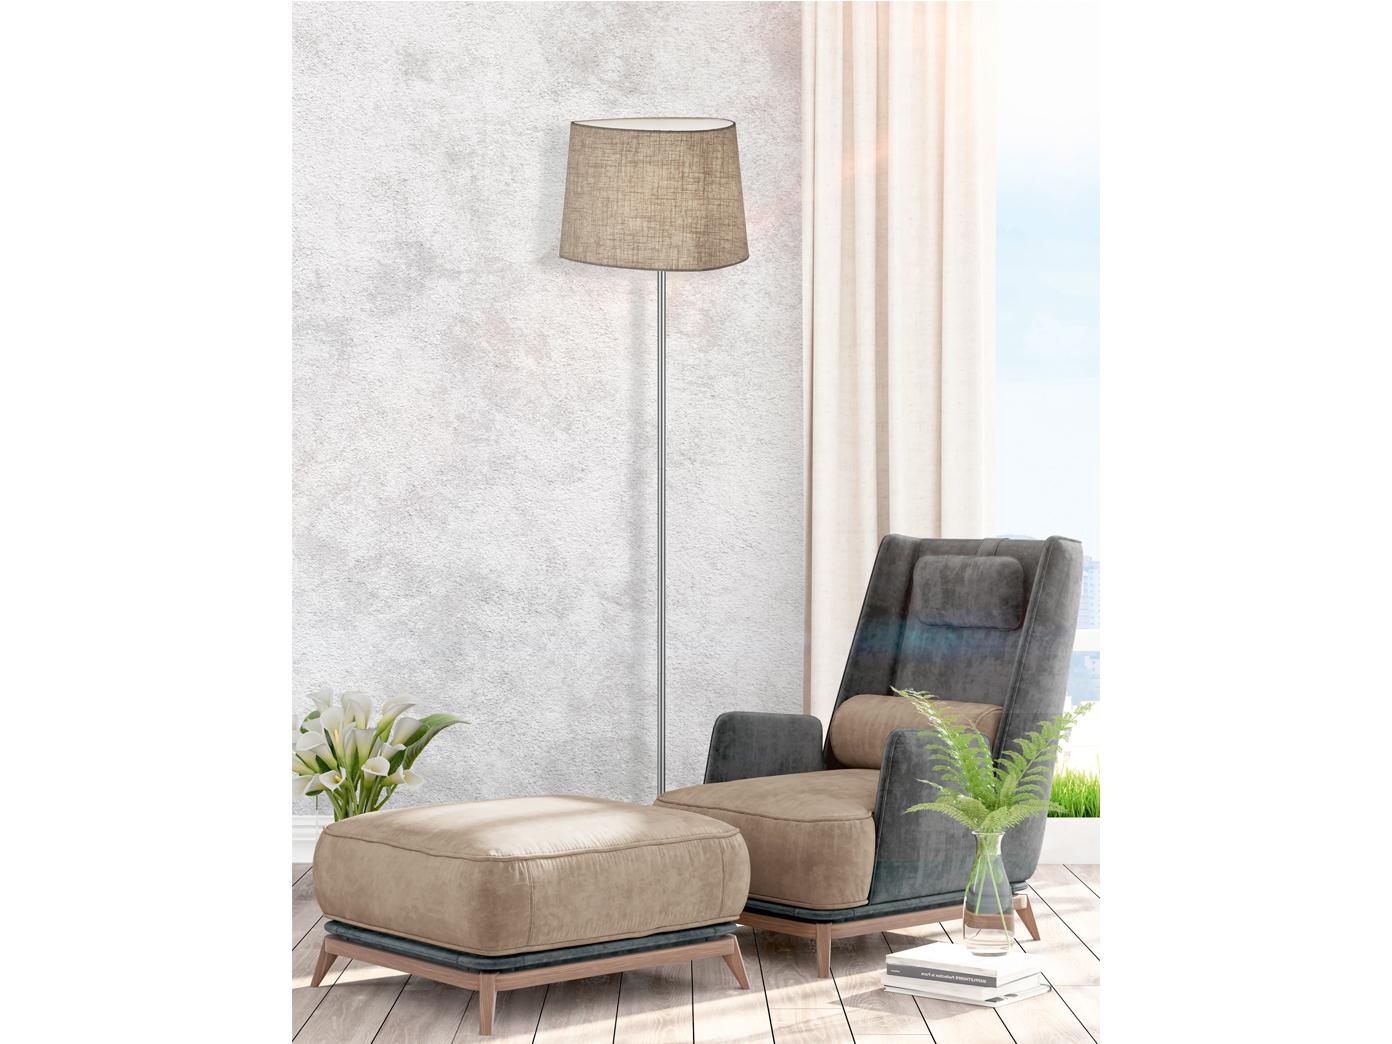 stehlampe mit stoff lampenschirm braun stehleuchte. Black Bedroom Furniture Sets. Home Design Ideas